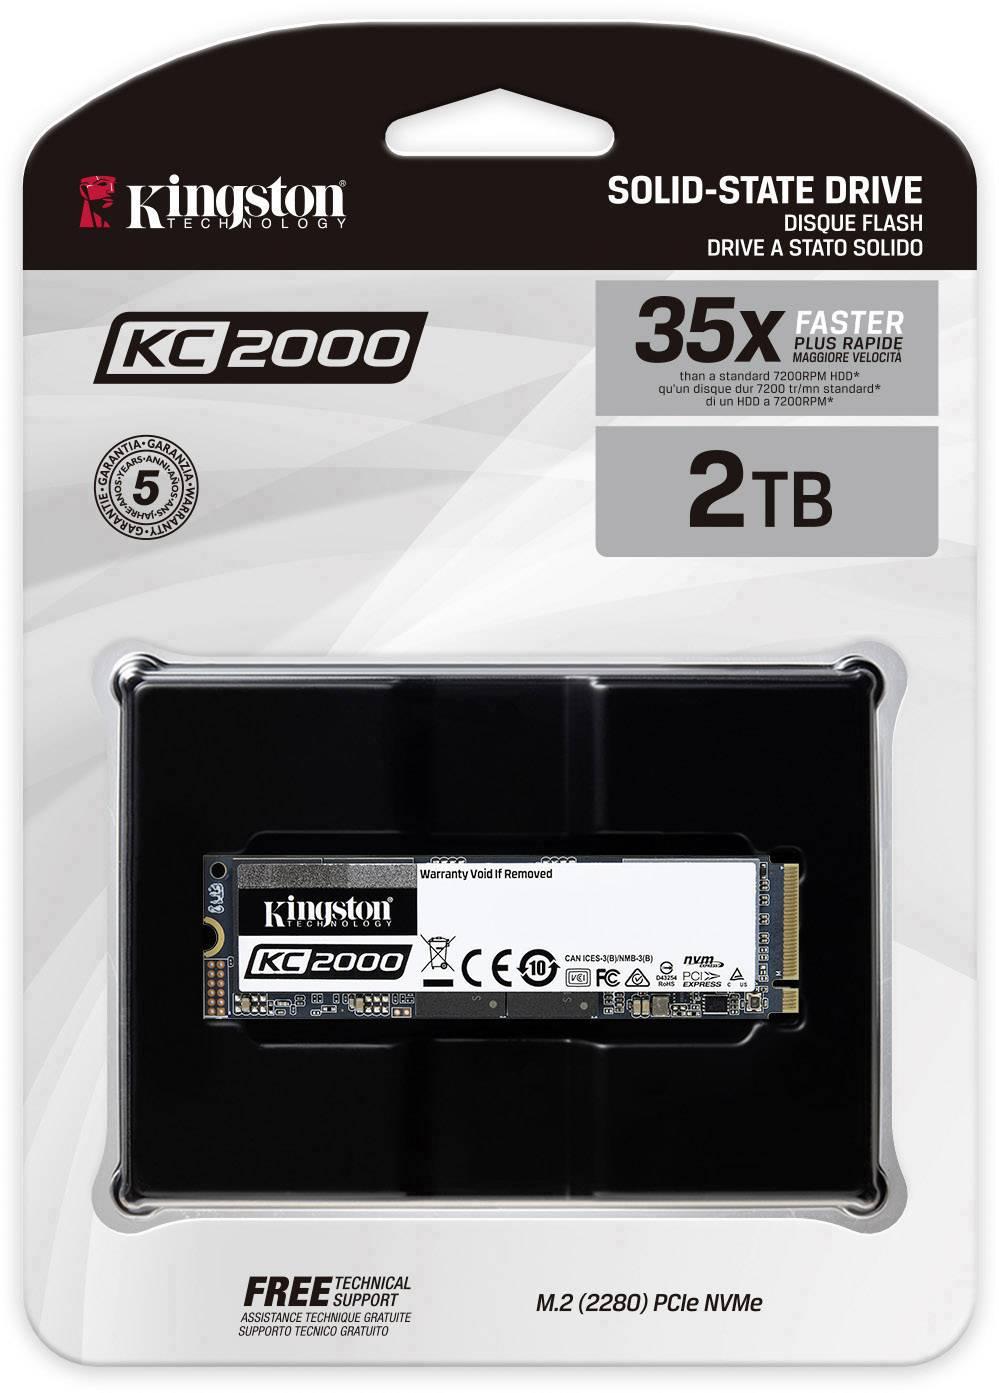 Kingston KC2000 2 TB, SSD NVMe PCIe 3.0 x4 M.2 2280